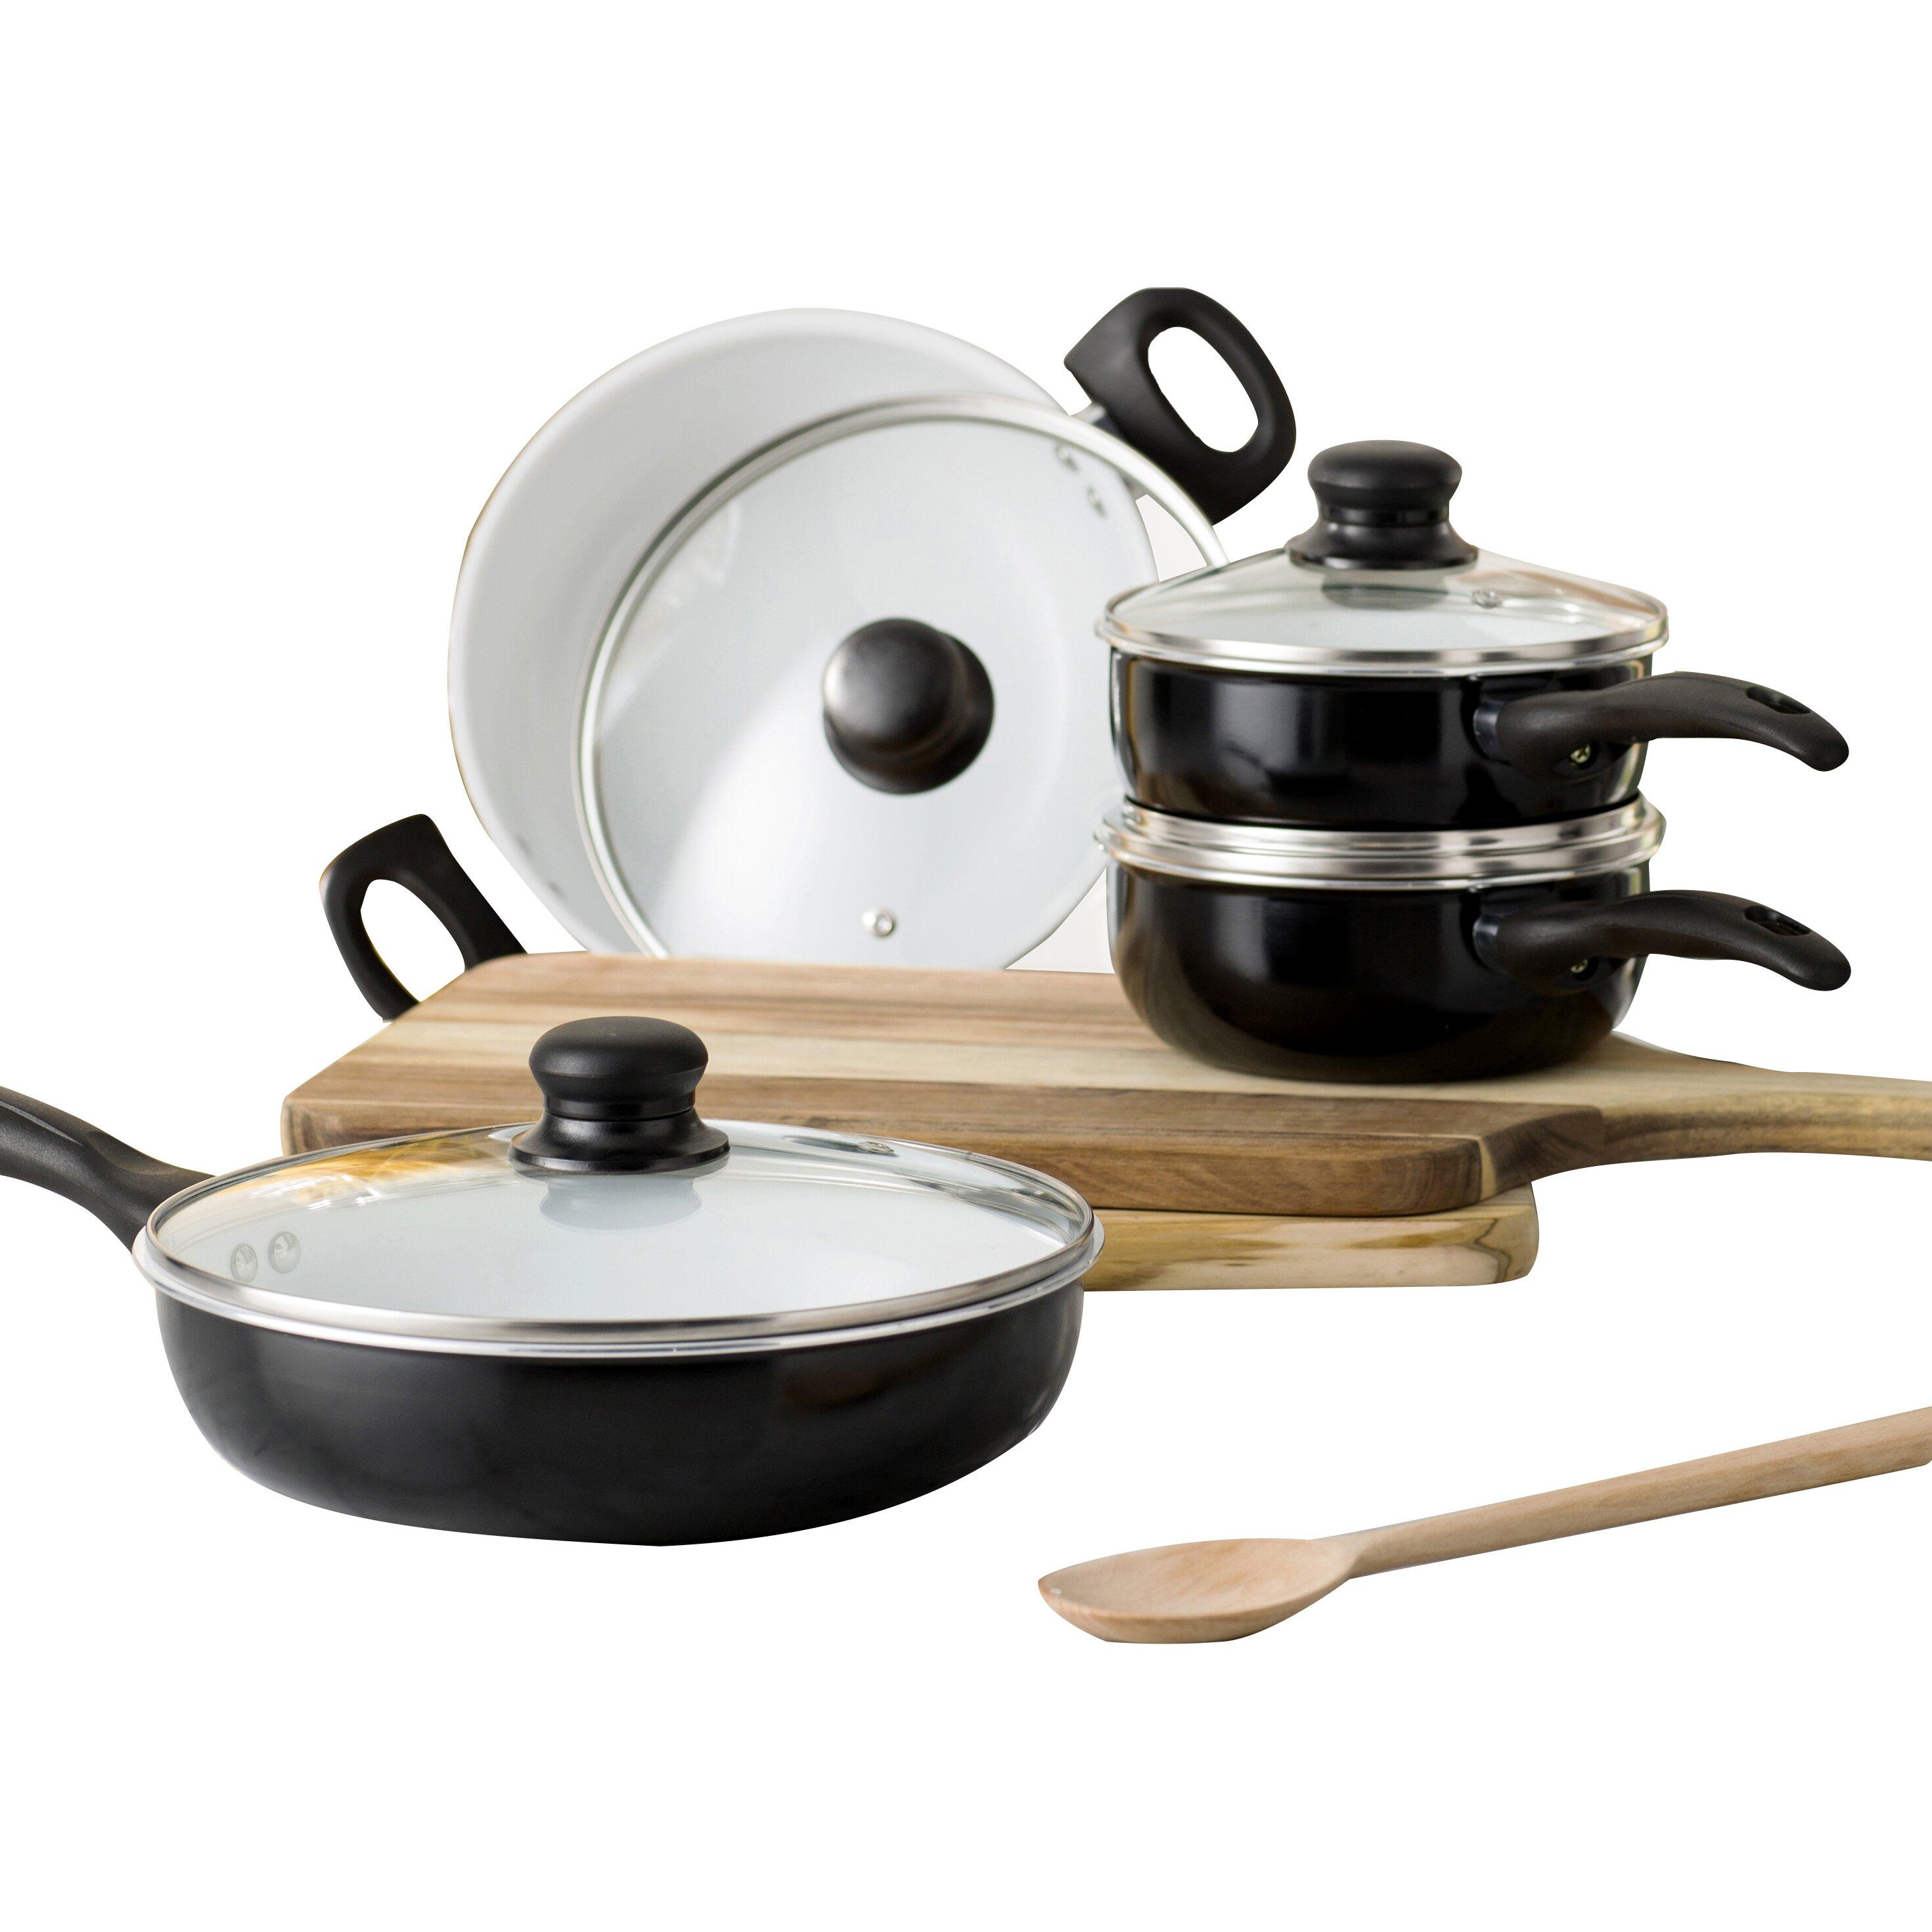 Wayfair basics wayfair basics 8 piece non stick ceramic for Kitchen set non stick